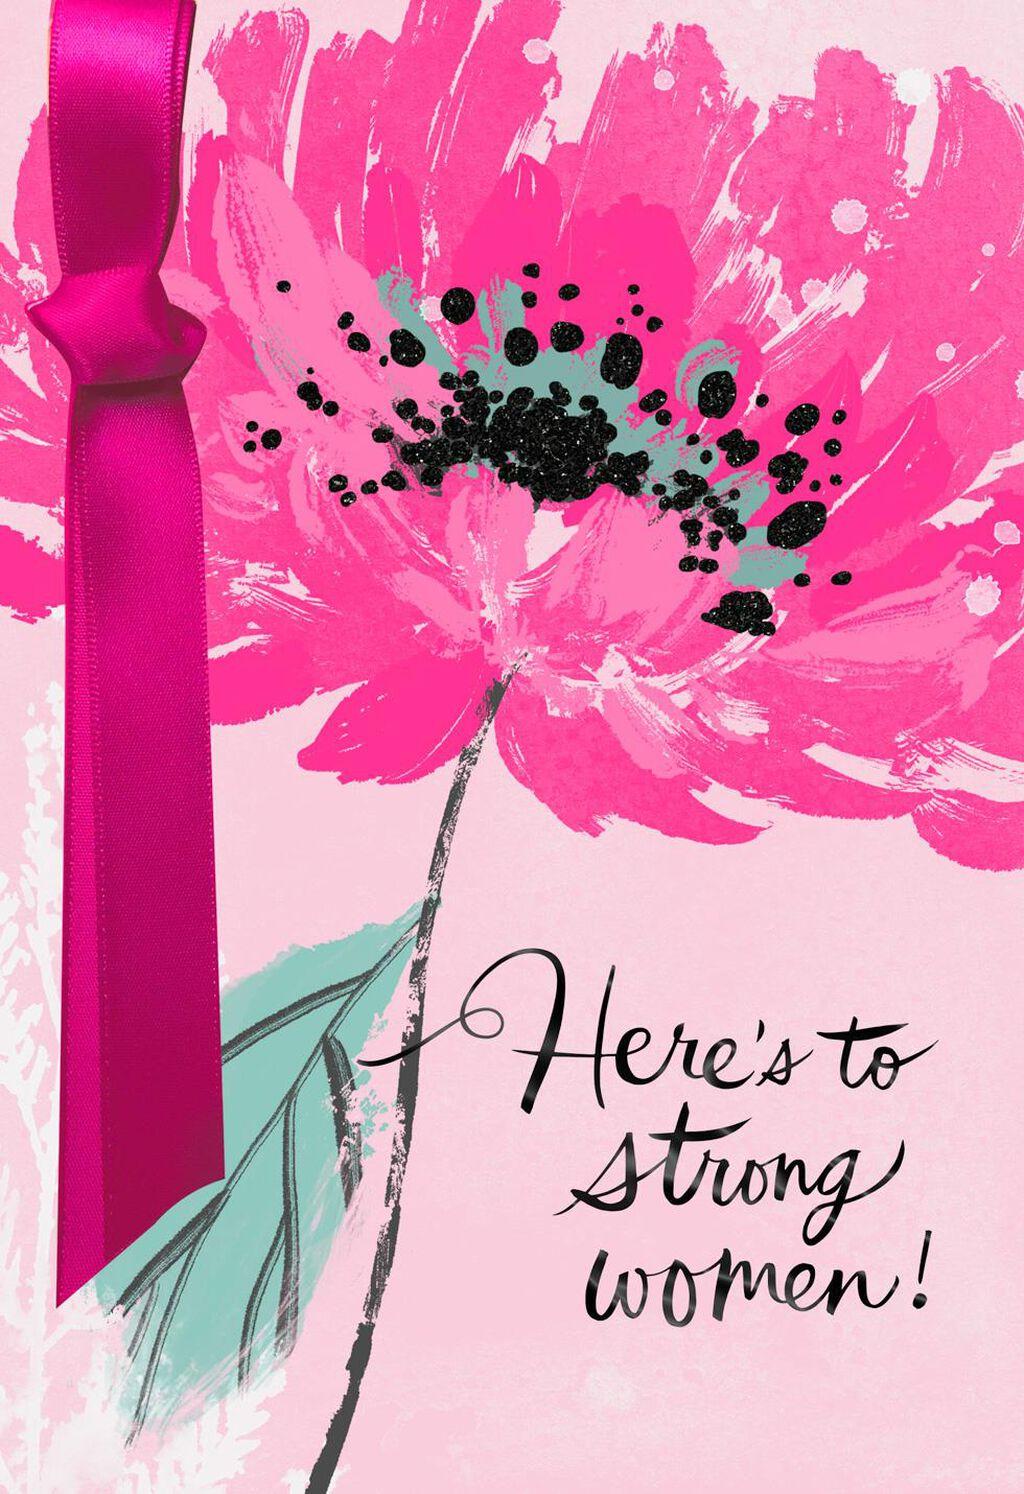 Strong Woman Birthday Card Supporting Susan G KomenR